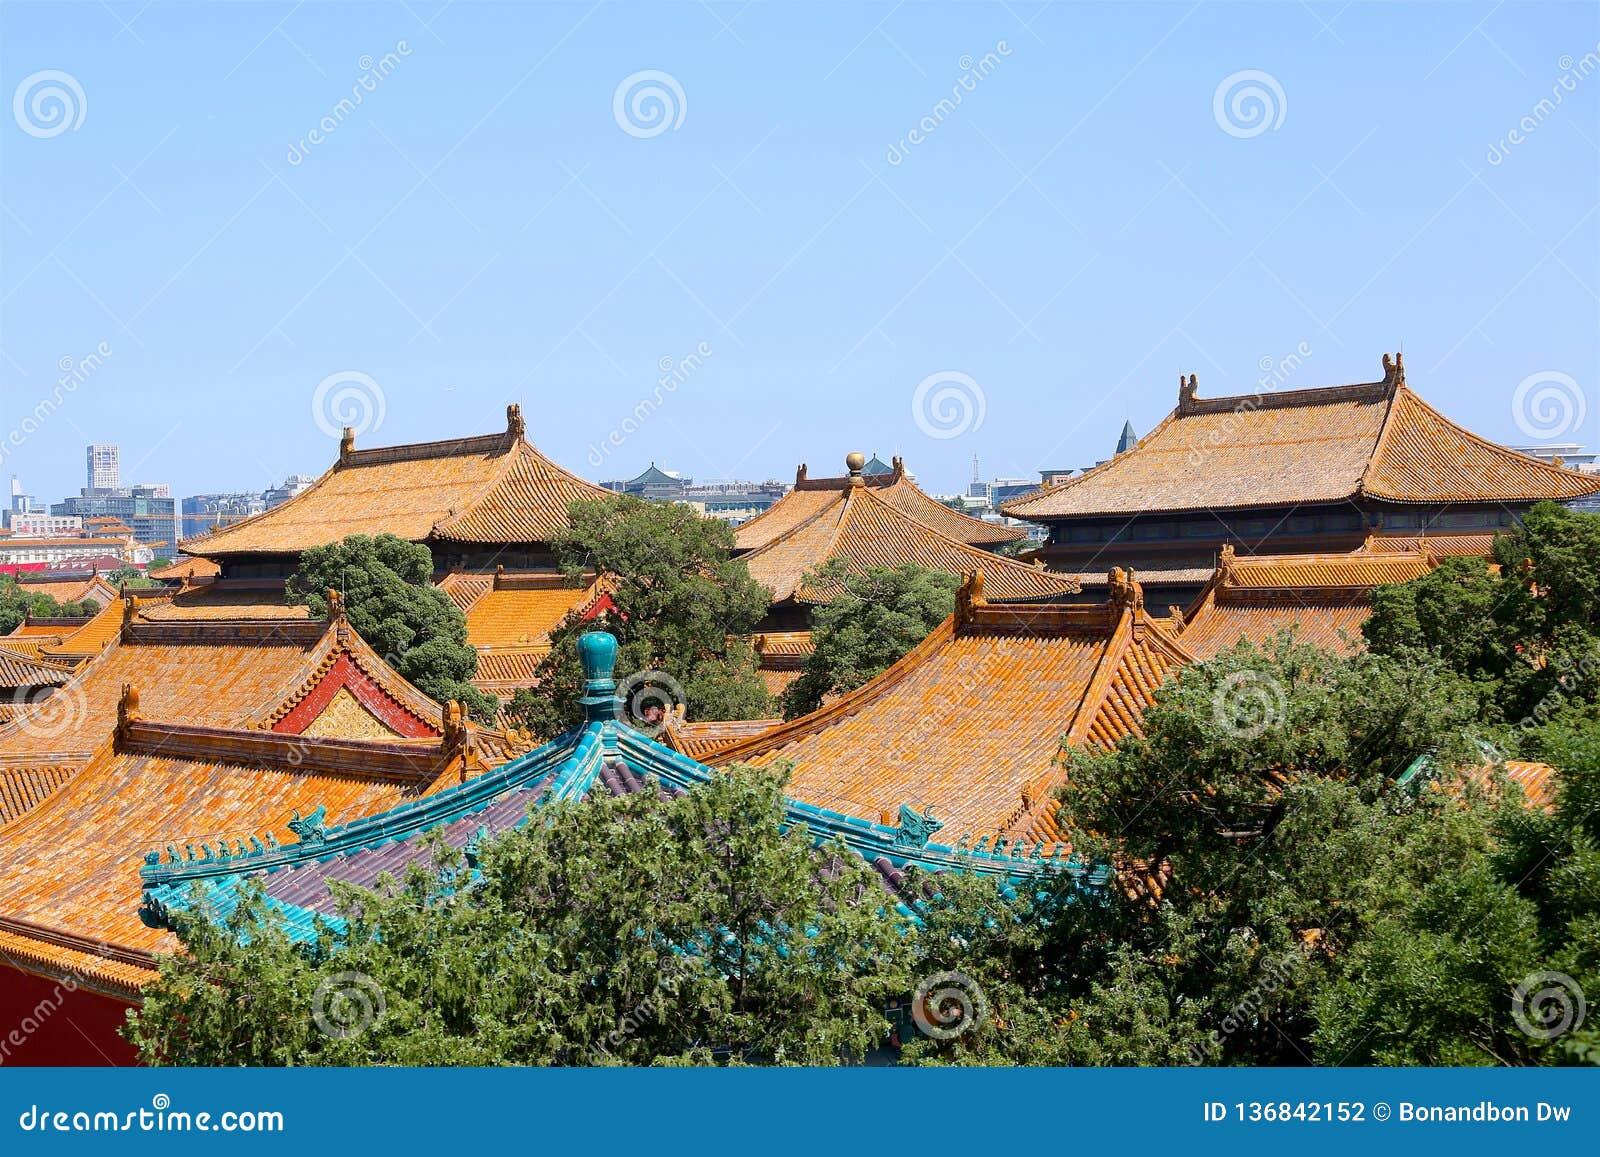 Architettura antica, tetto della Città proibita, Pechino, Cina